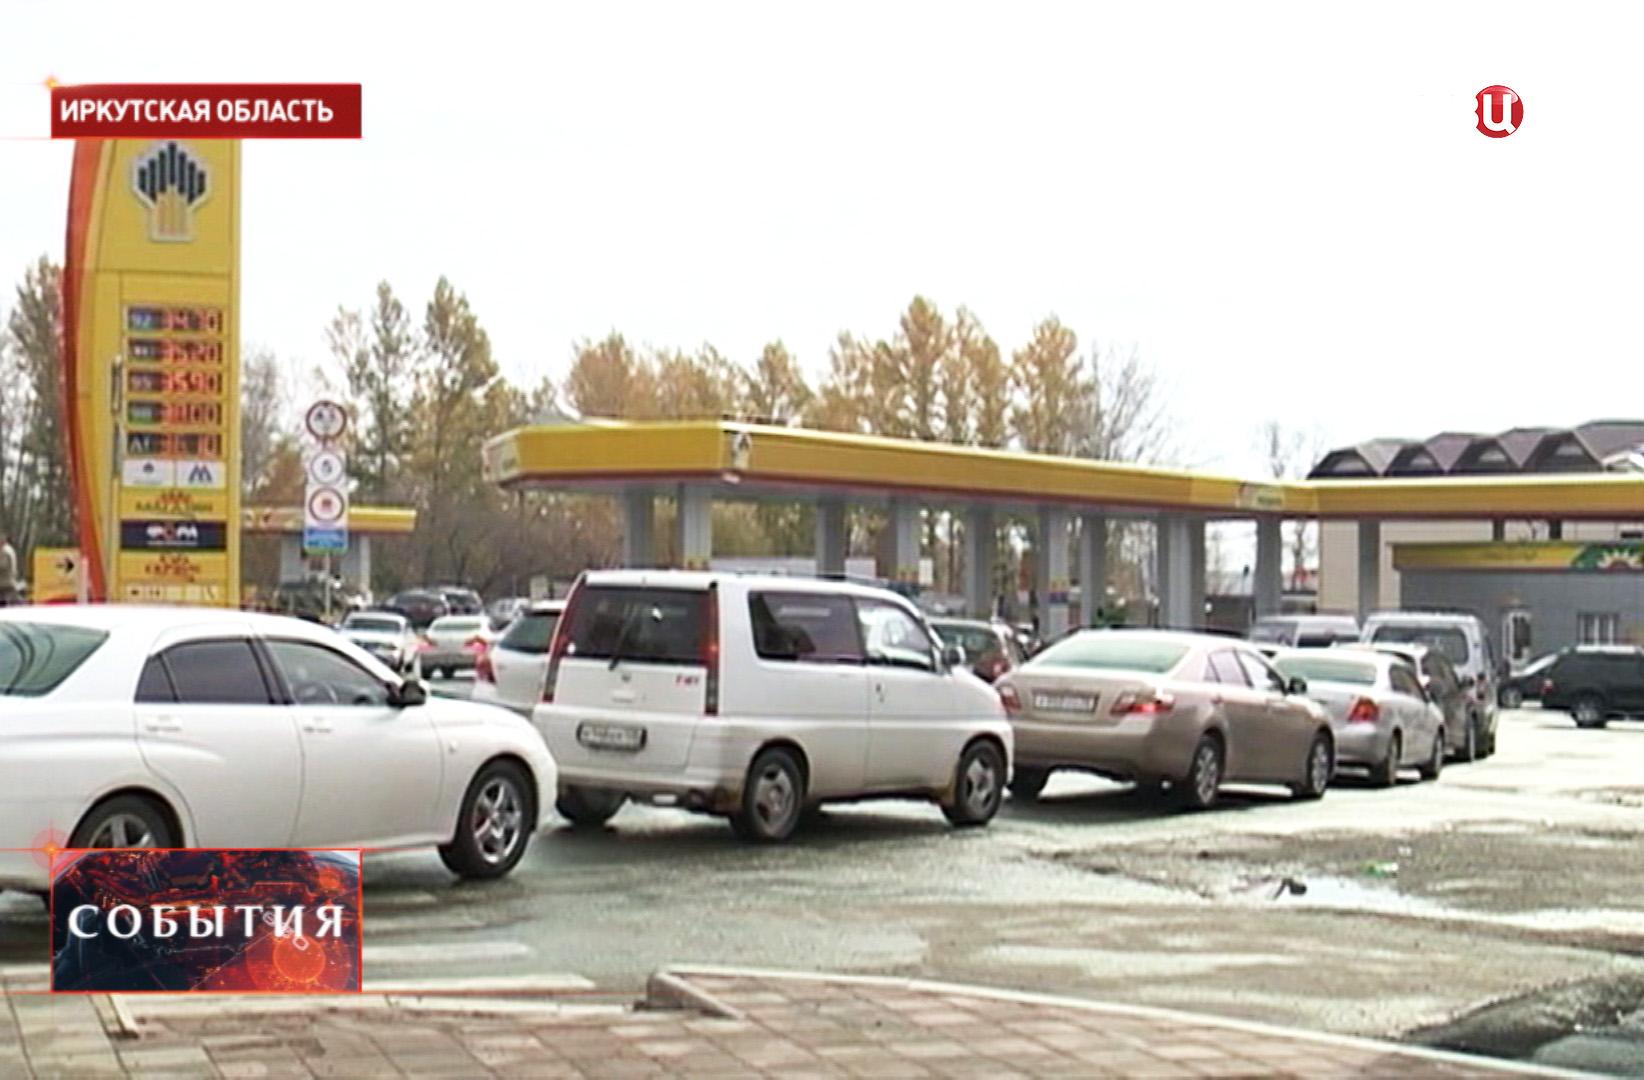 Очередь из автомобилей у бензозаправки в Иркутске